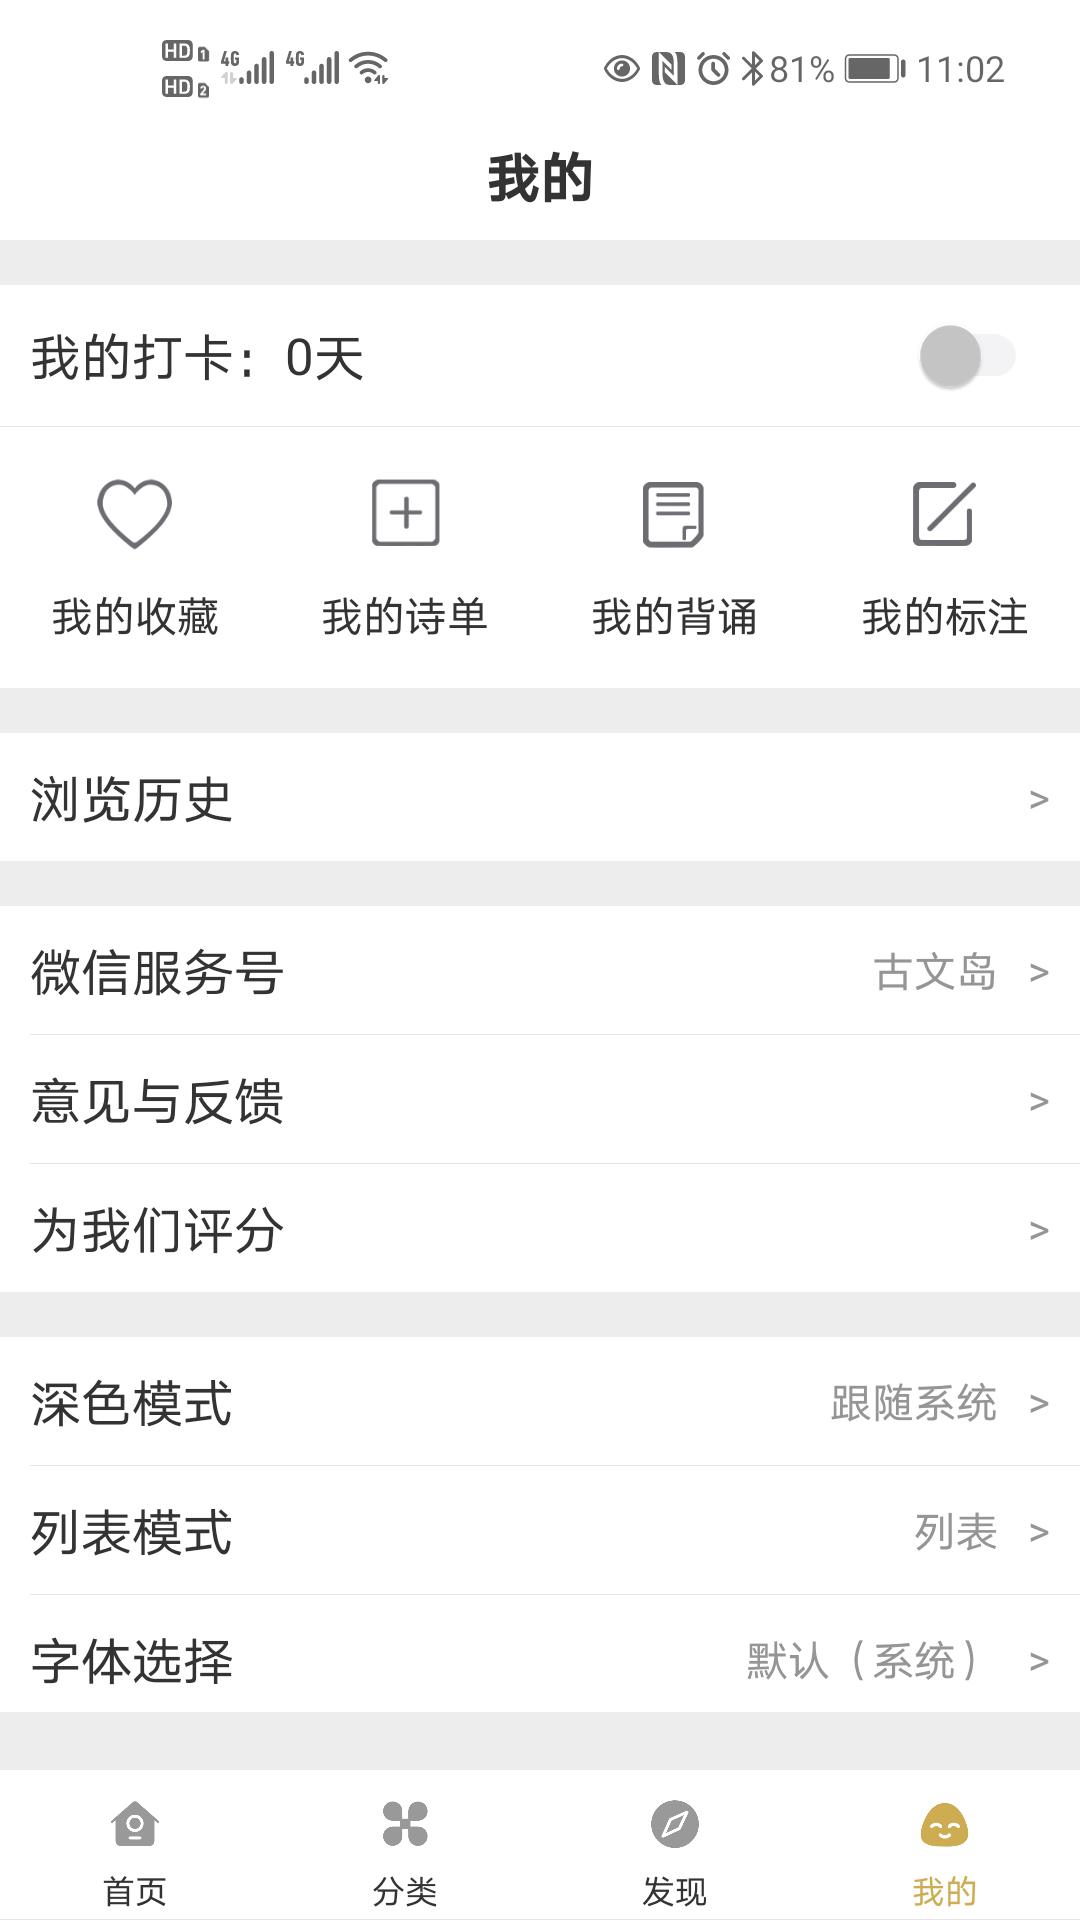 古文岛 V1.2.2 安卓版截图5